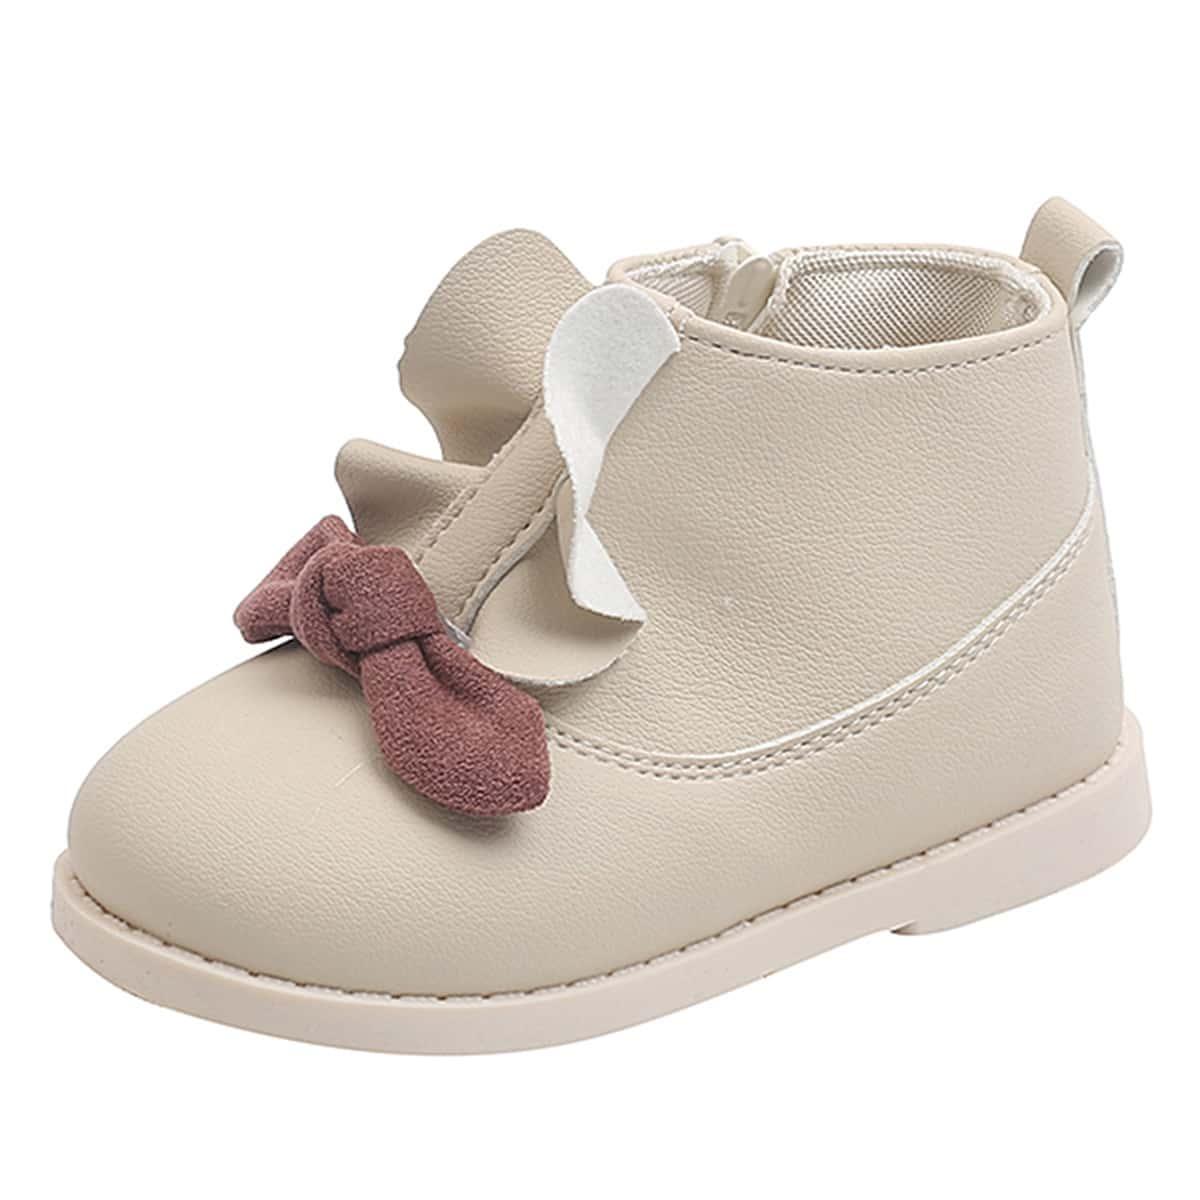 Ботинки для девочек с оборками и бантом SheIn sk2108112726058456